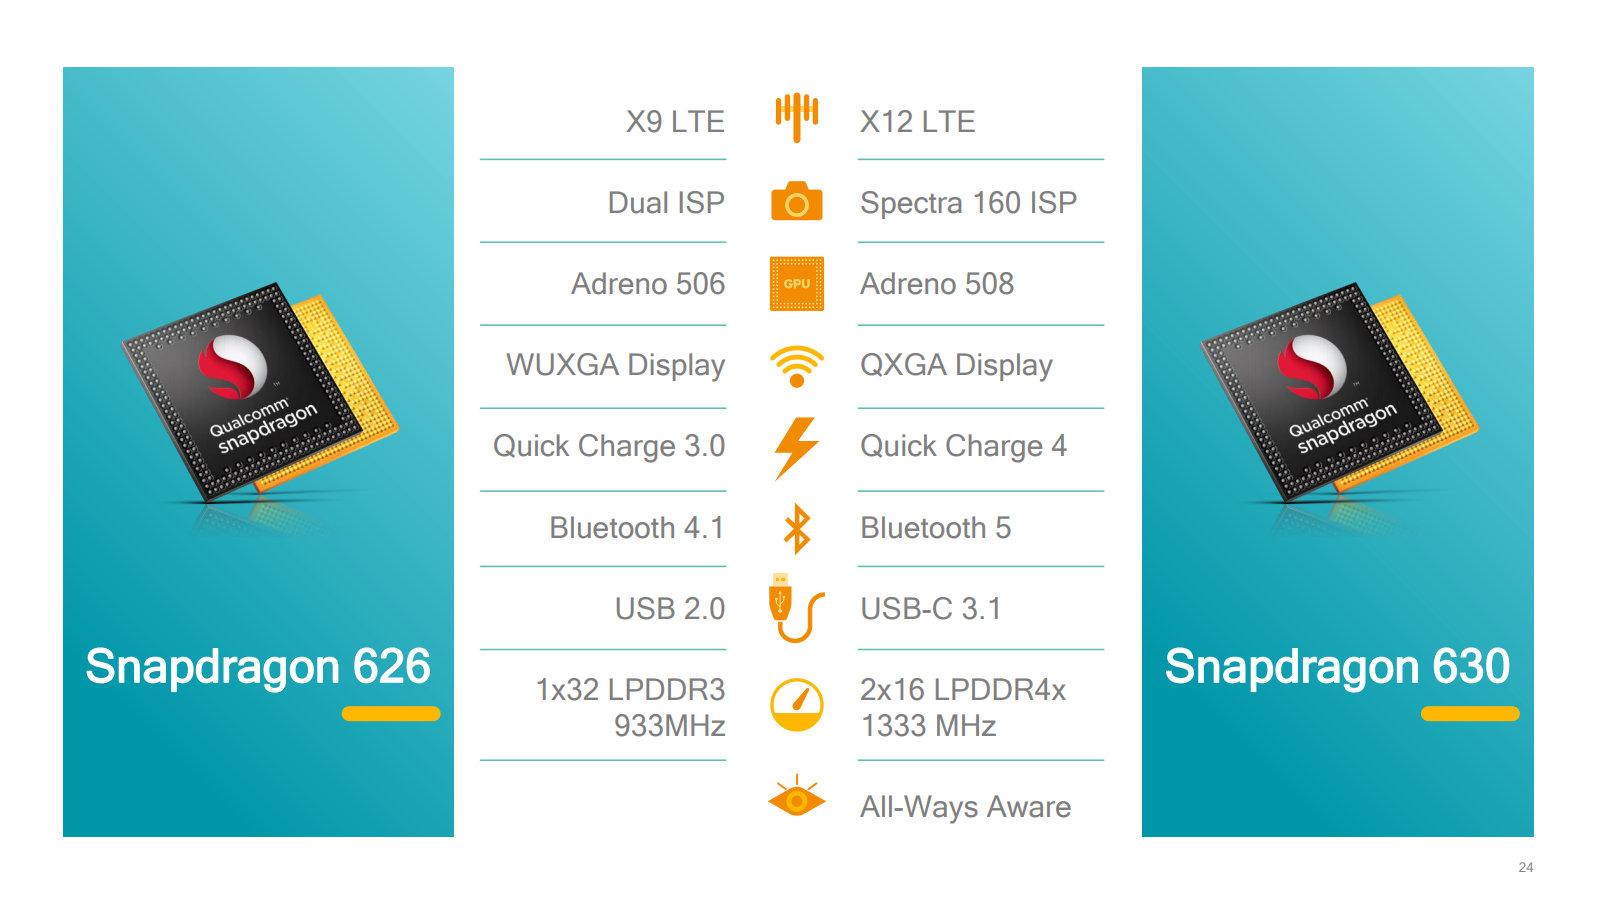 Veränderungen gegenüber Snapdragon 626 im Detail